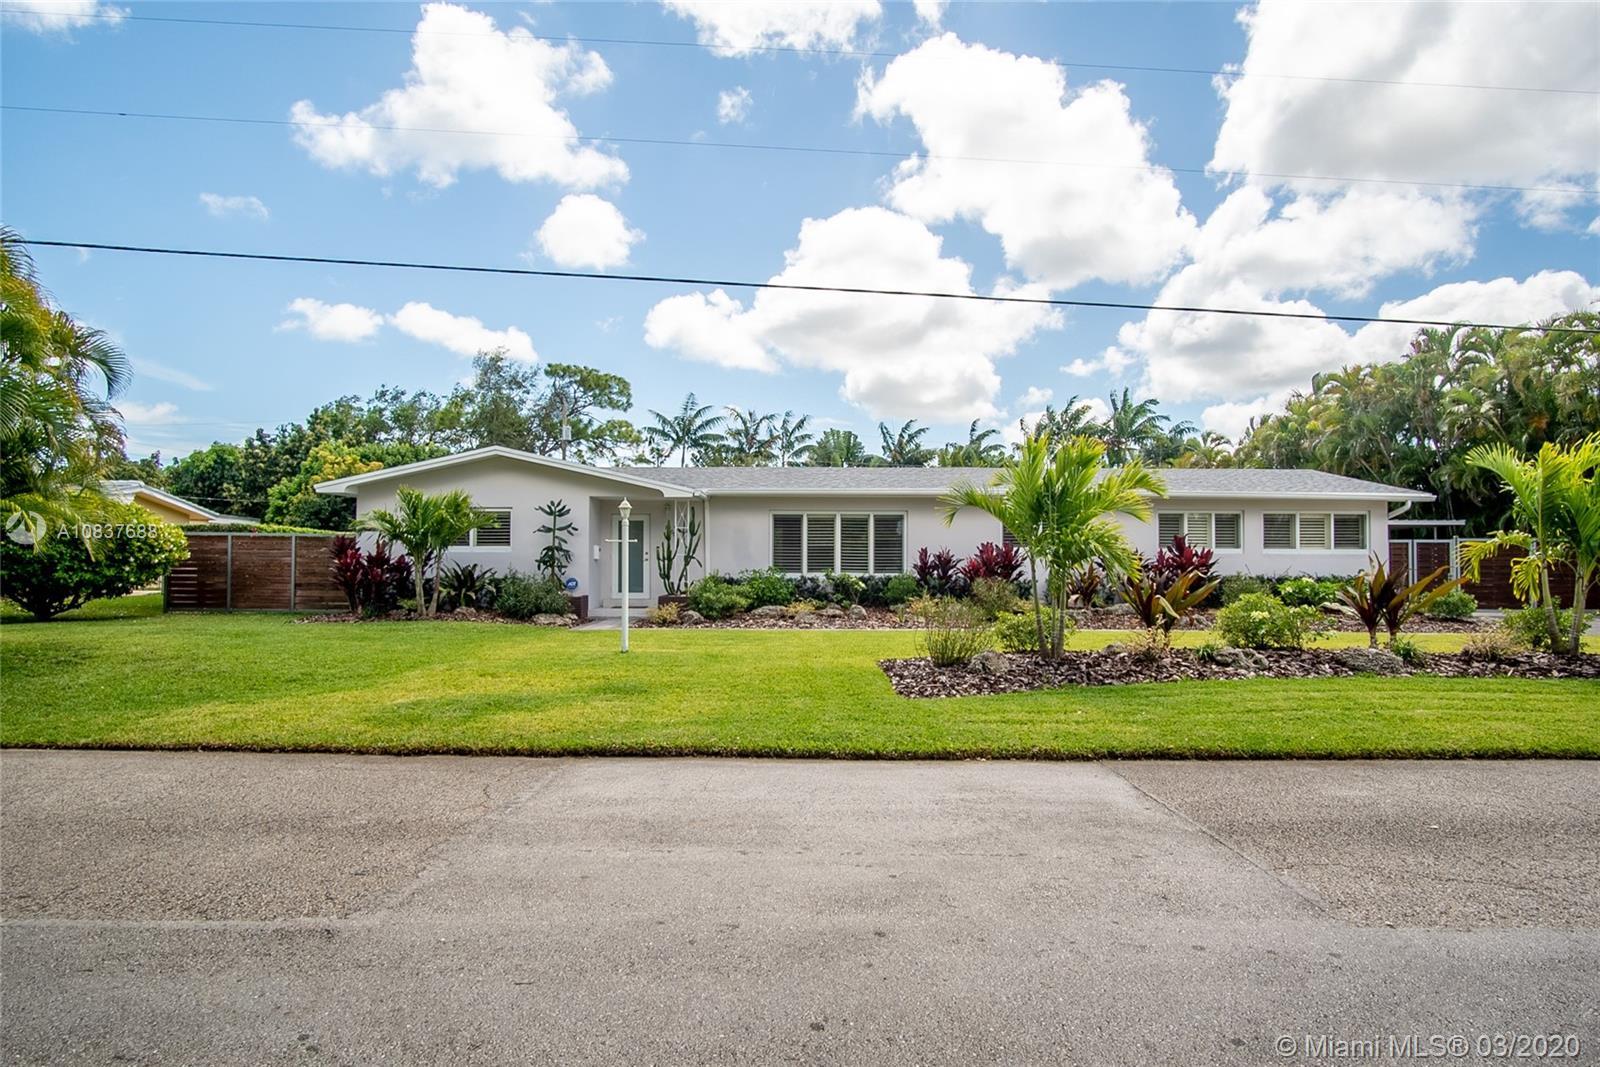 8260 SW 92nd St, Miami, FL 33156 - Miami, FL real estate listing